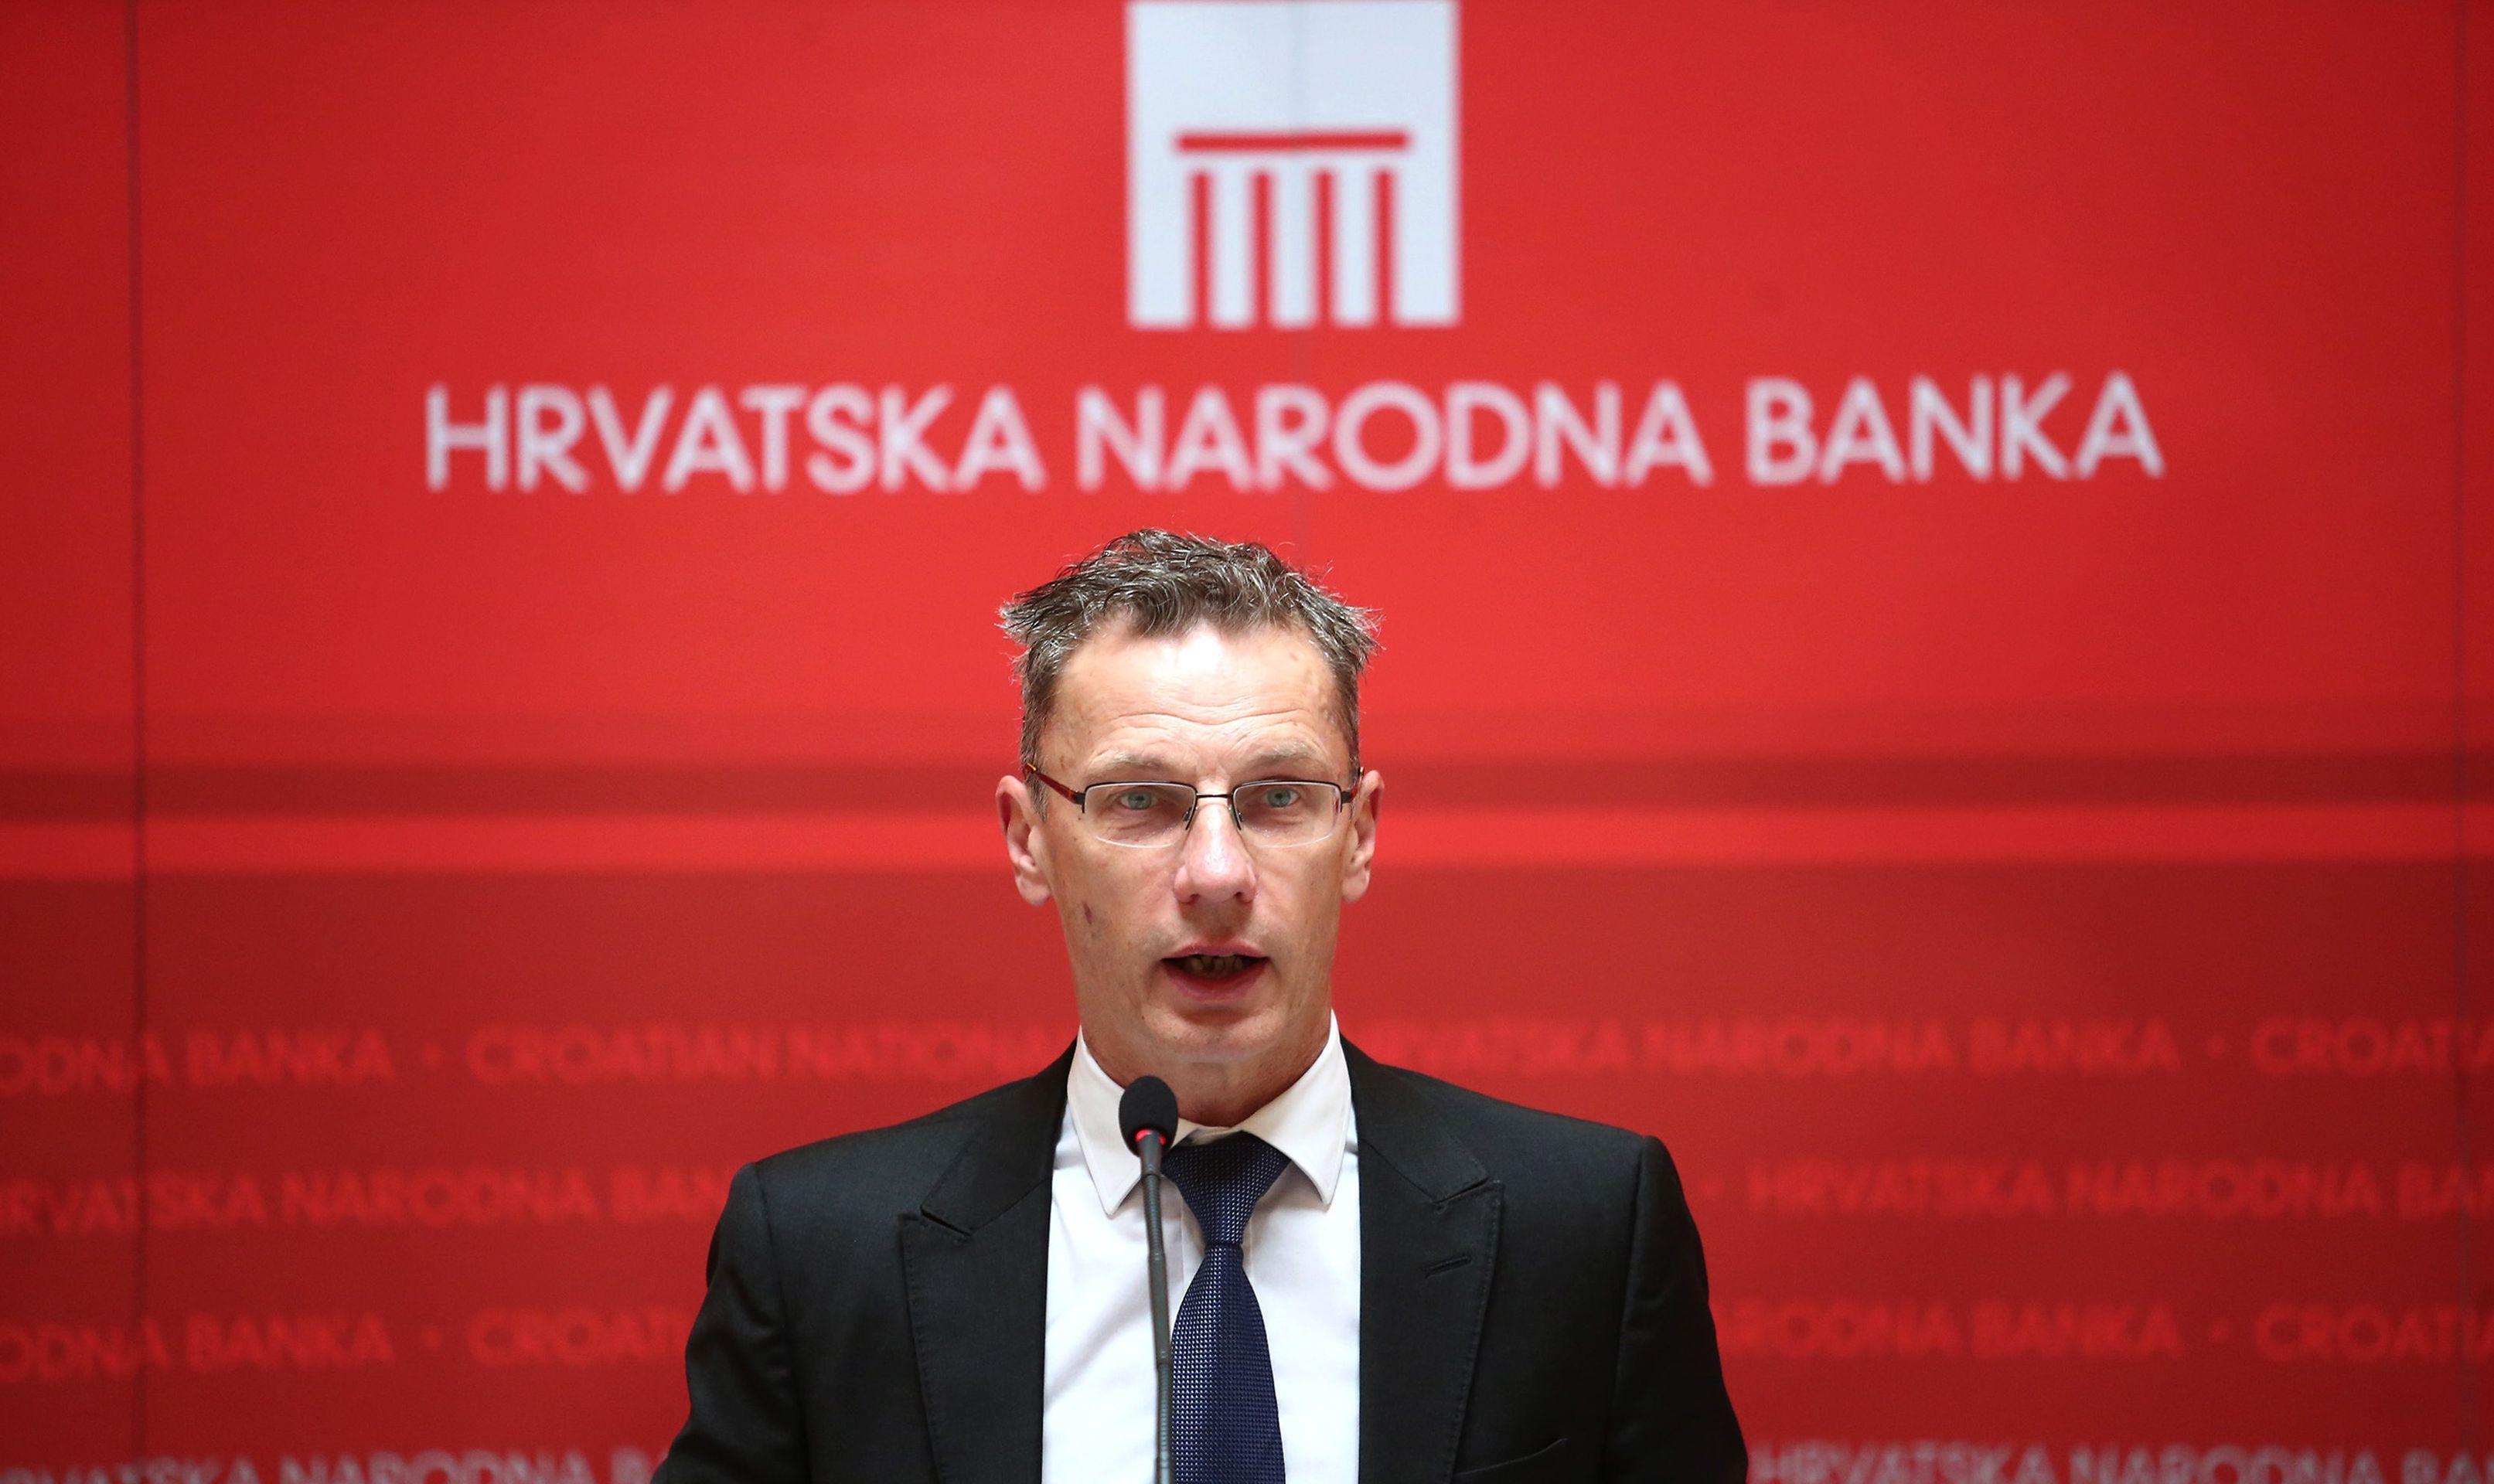 HNB O AGROKORU 'I neke banke bi se mogle naći u problemima'